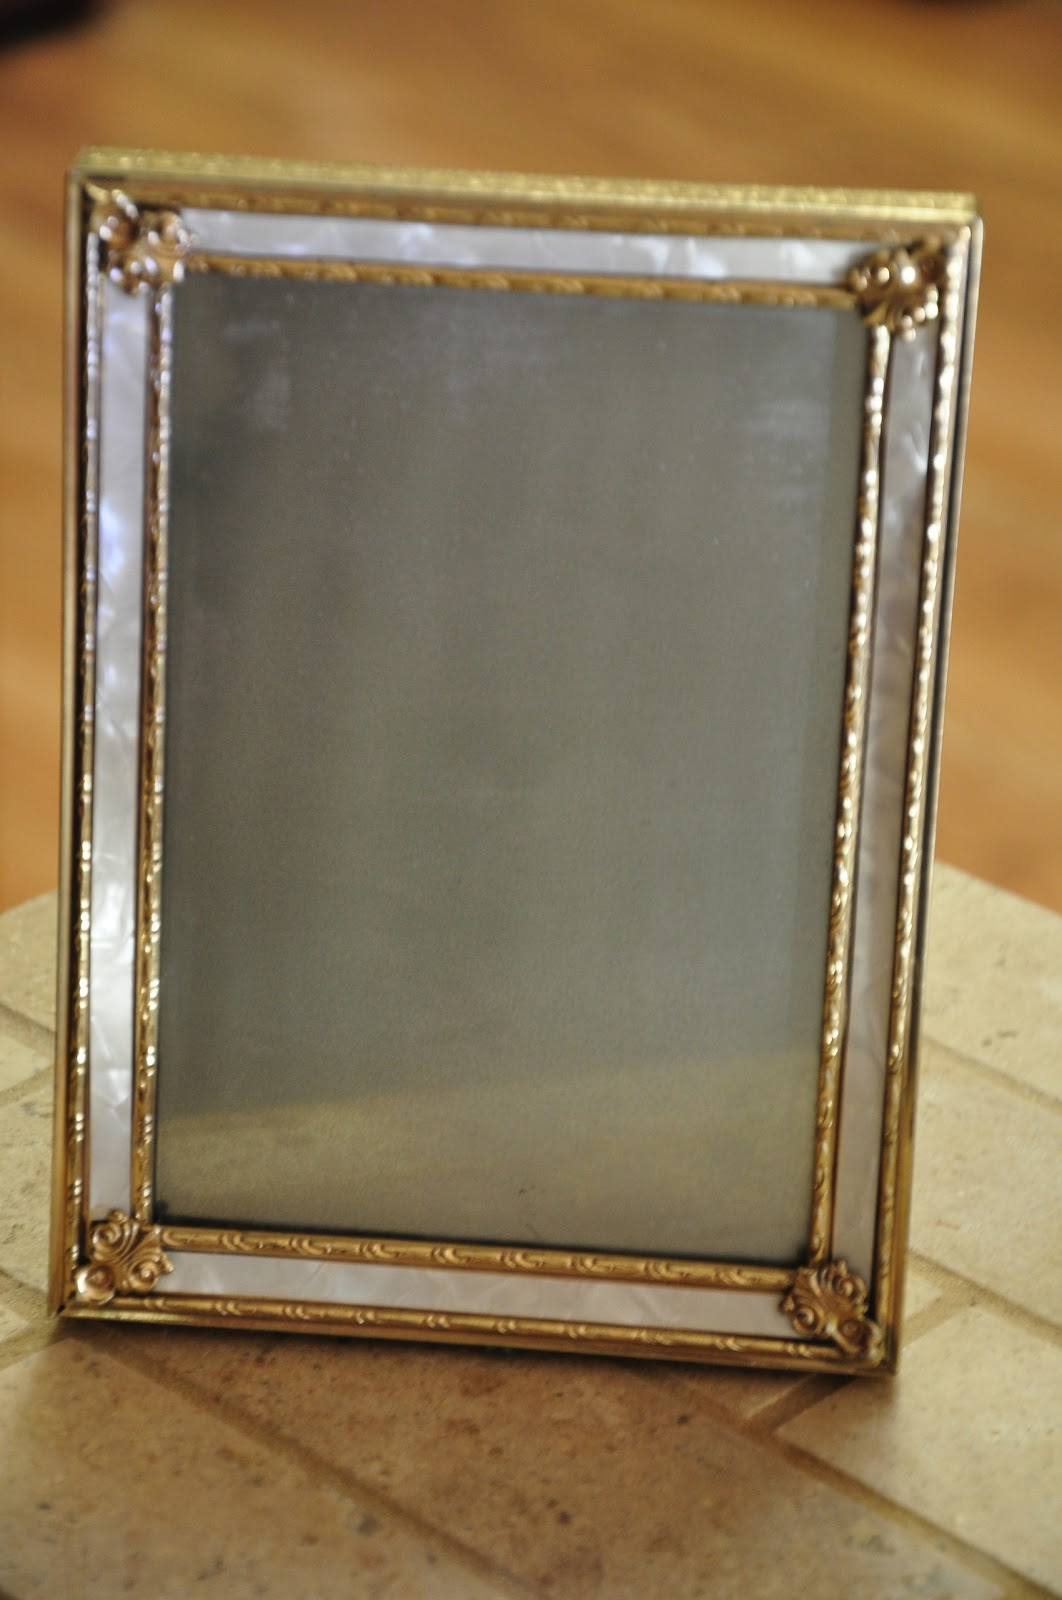 Swoon studios musings diy monday krylon looking glass for Looking mirror